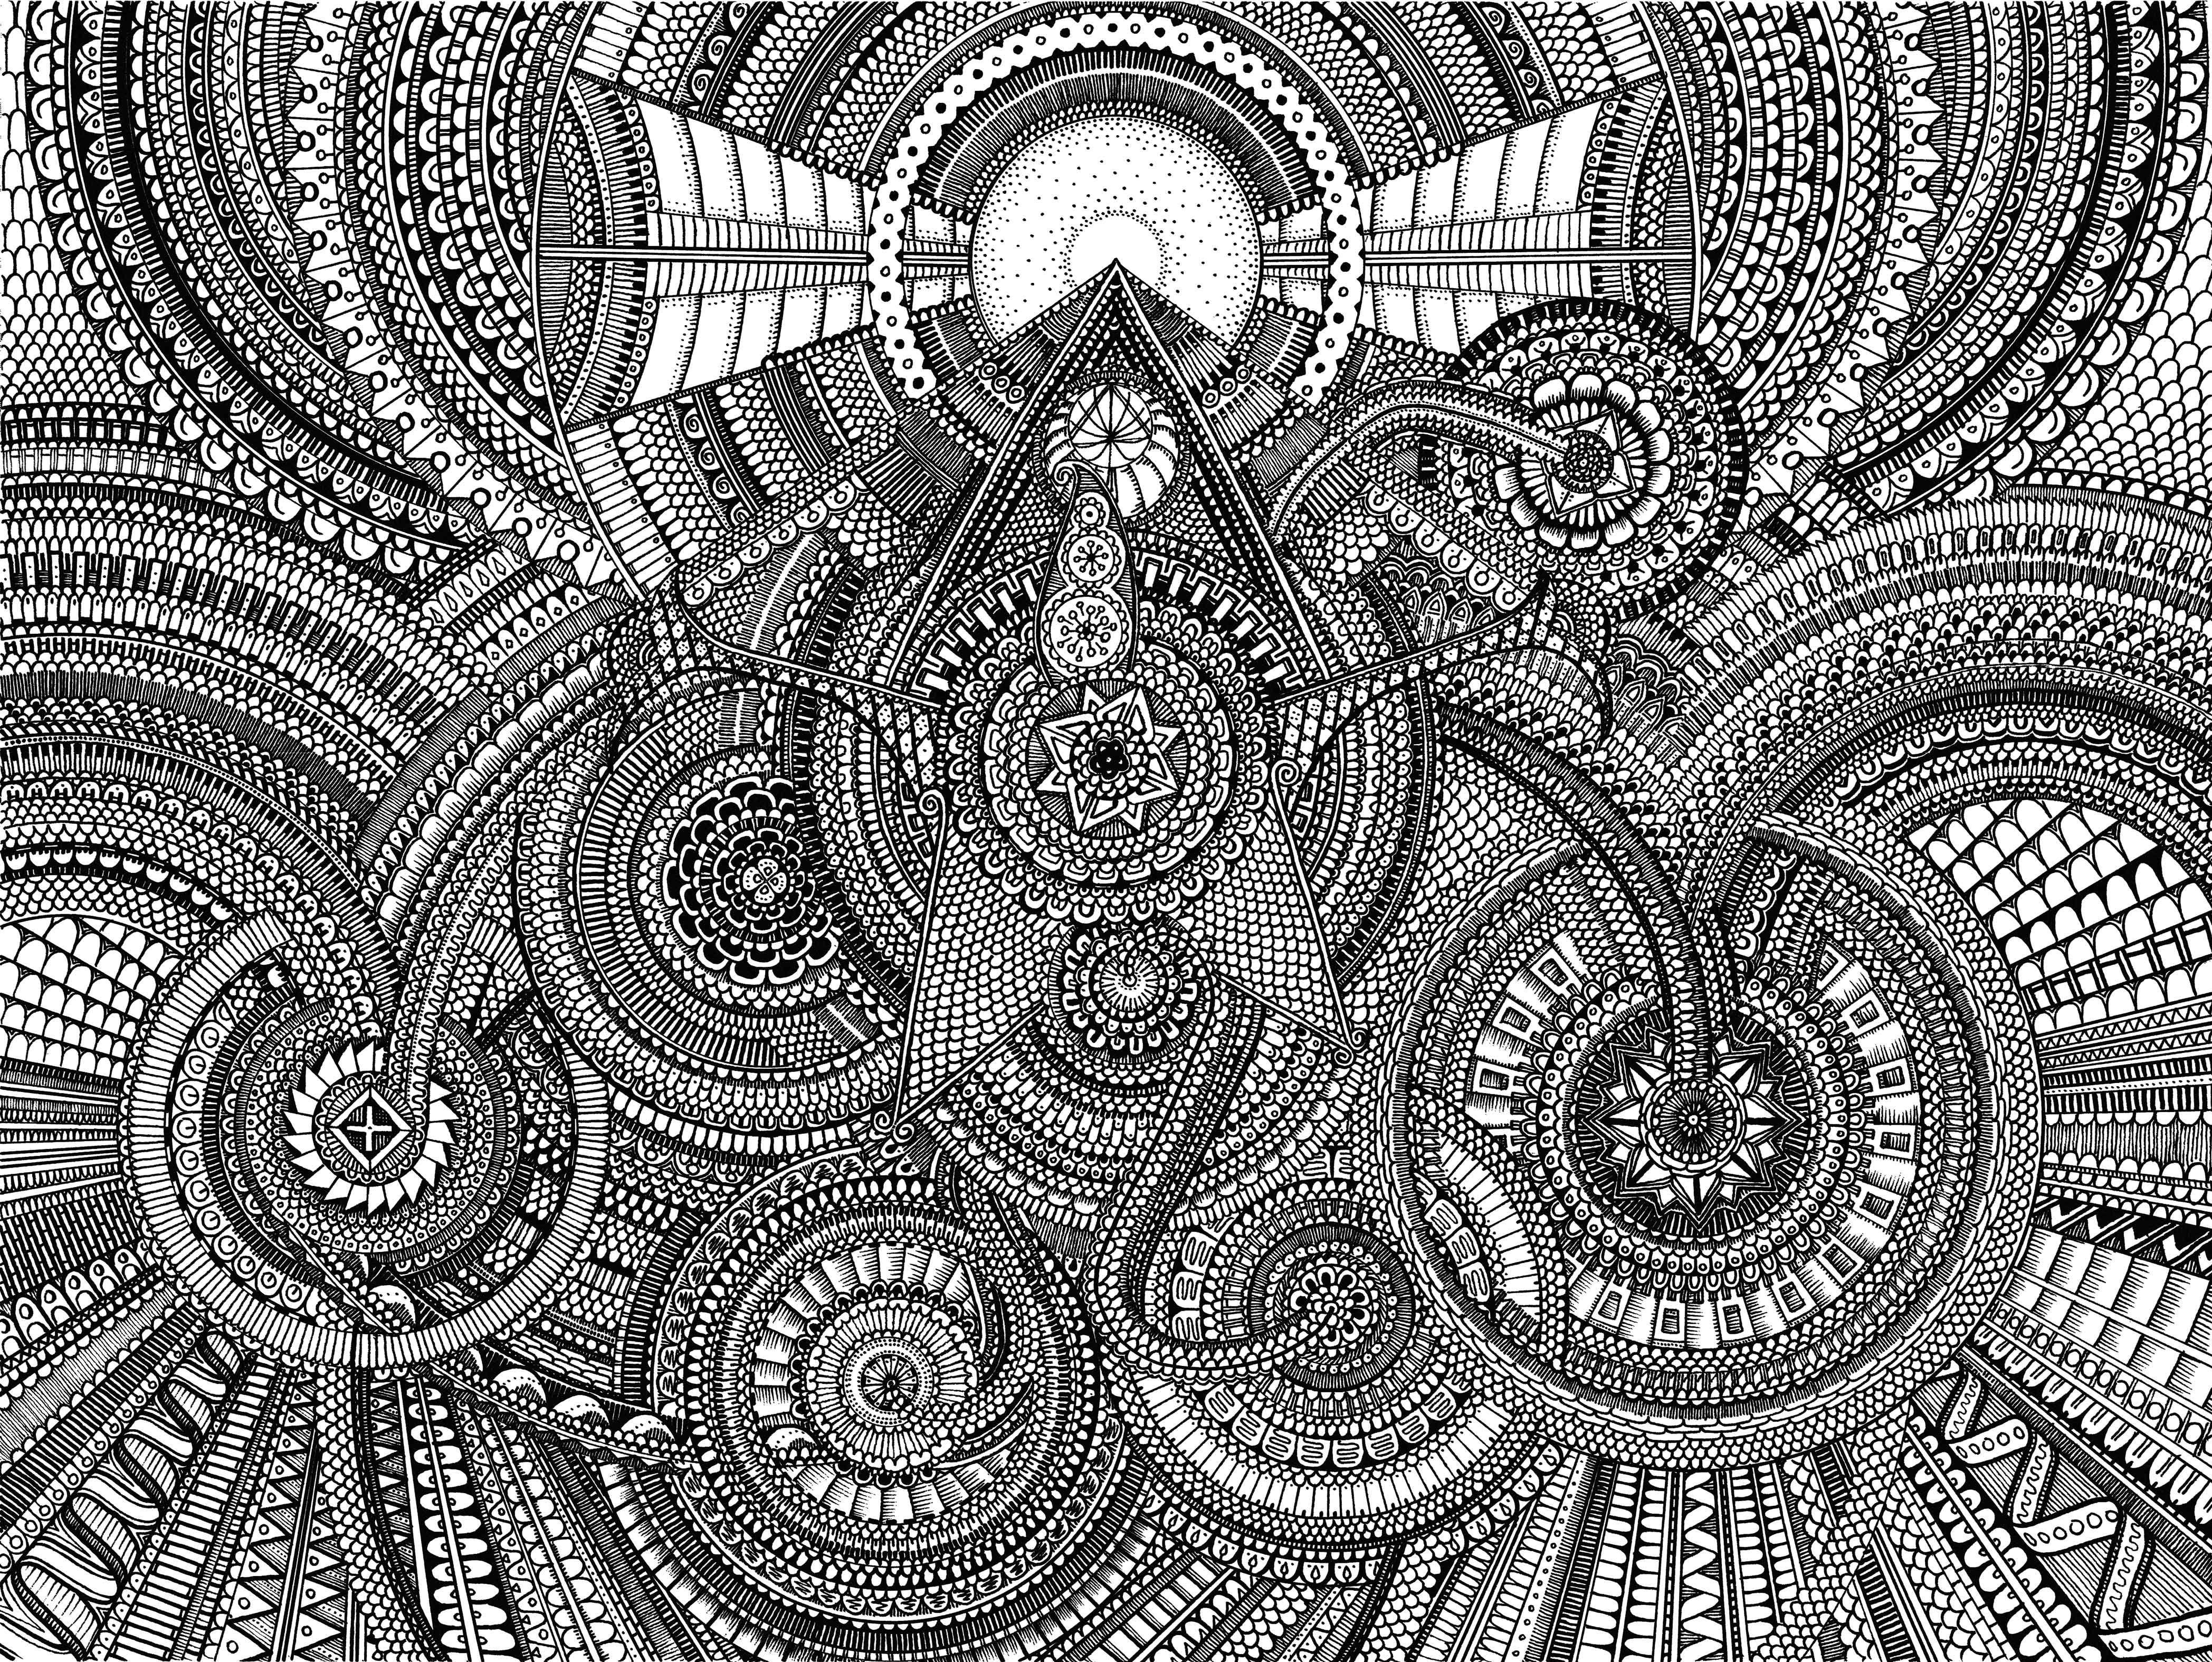 Mandala Coloring Pages Expert Level   Duam